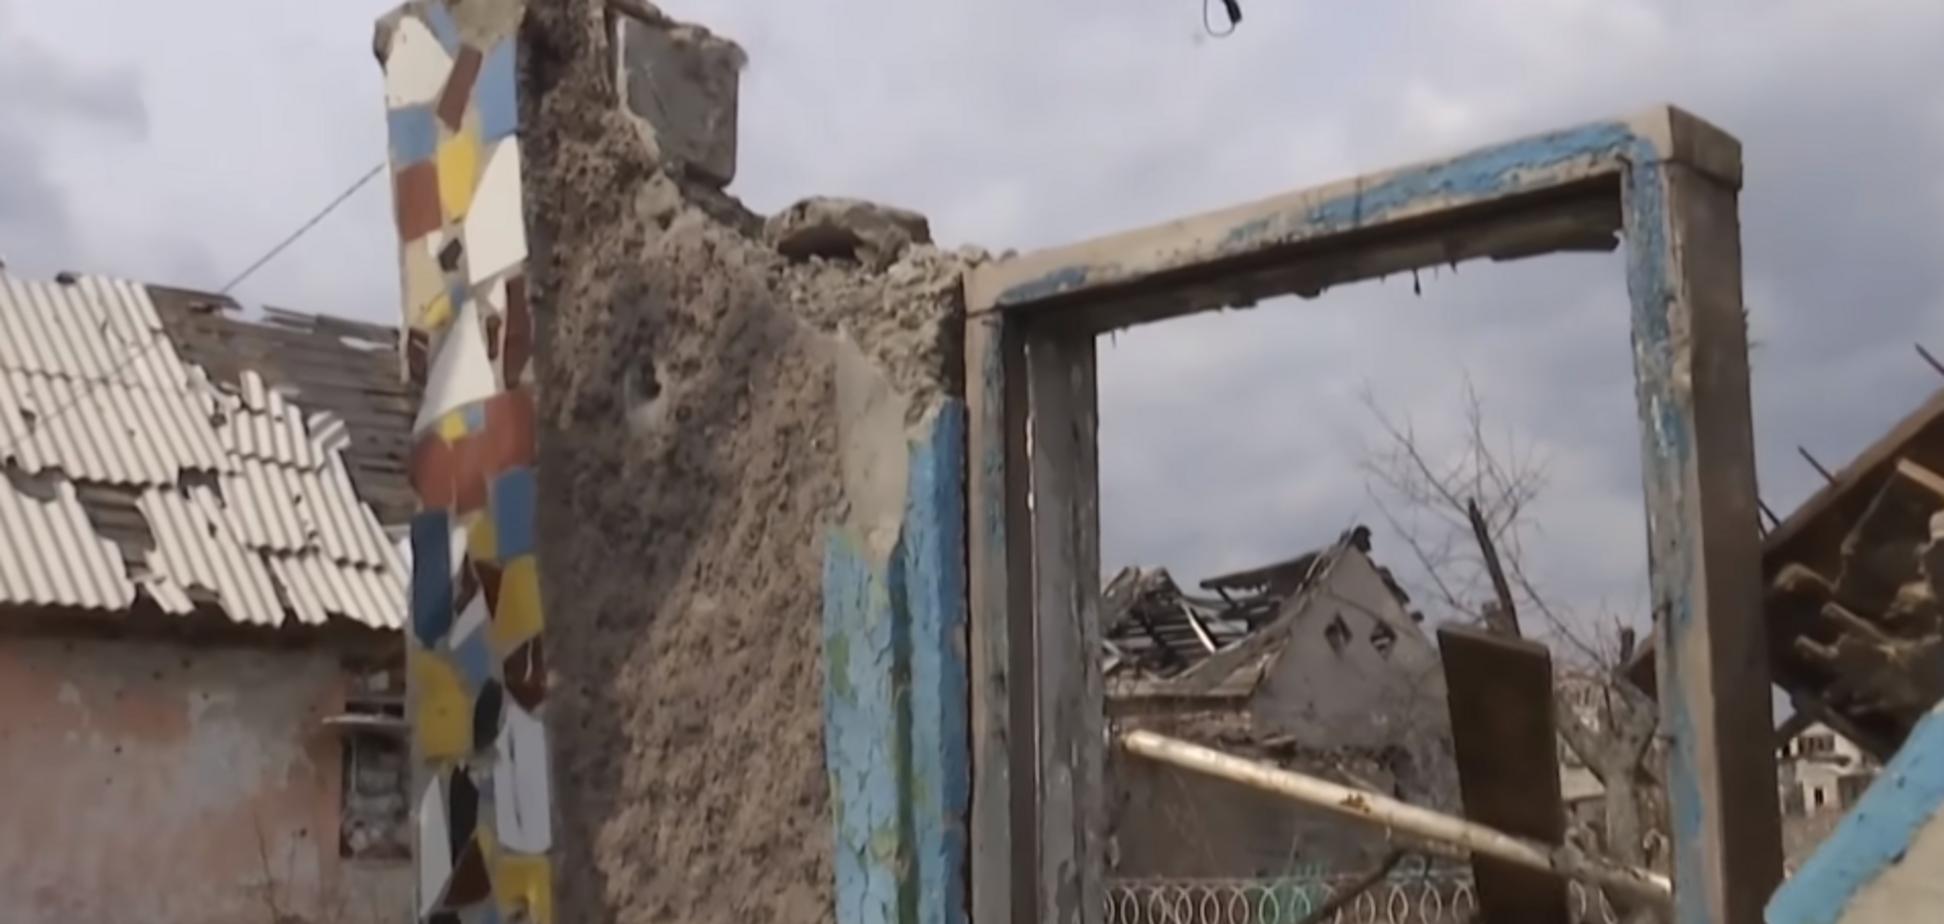 Тільки болти: що залишилося від улюбленого місця Януковича на Донеччині